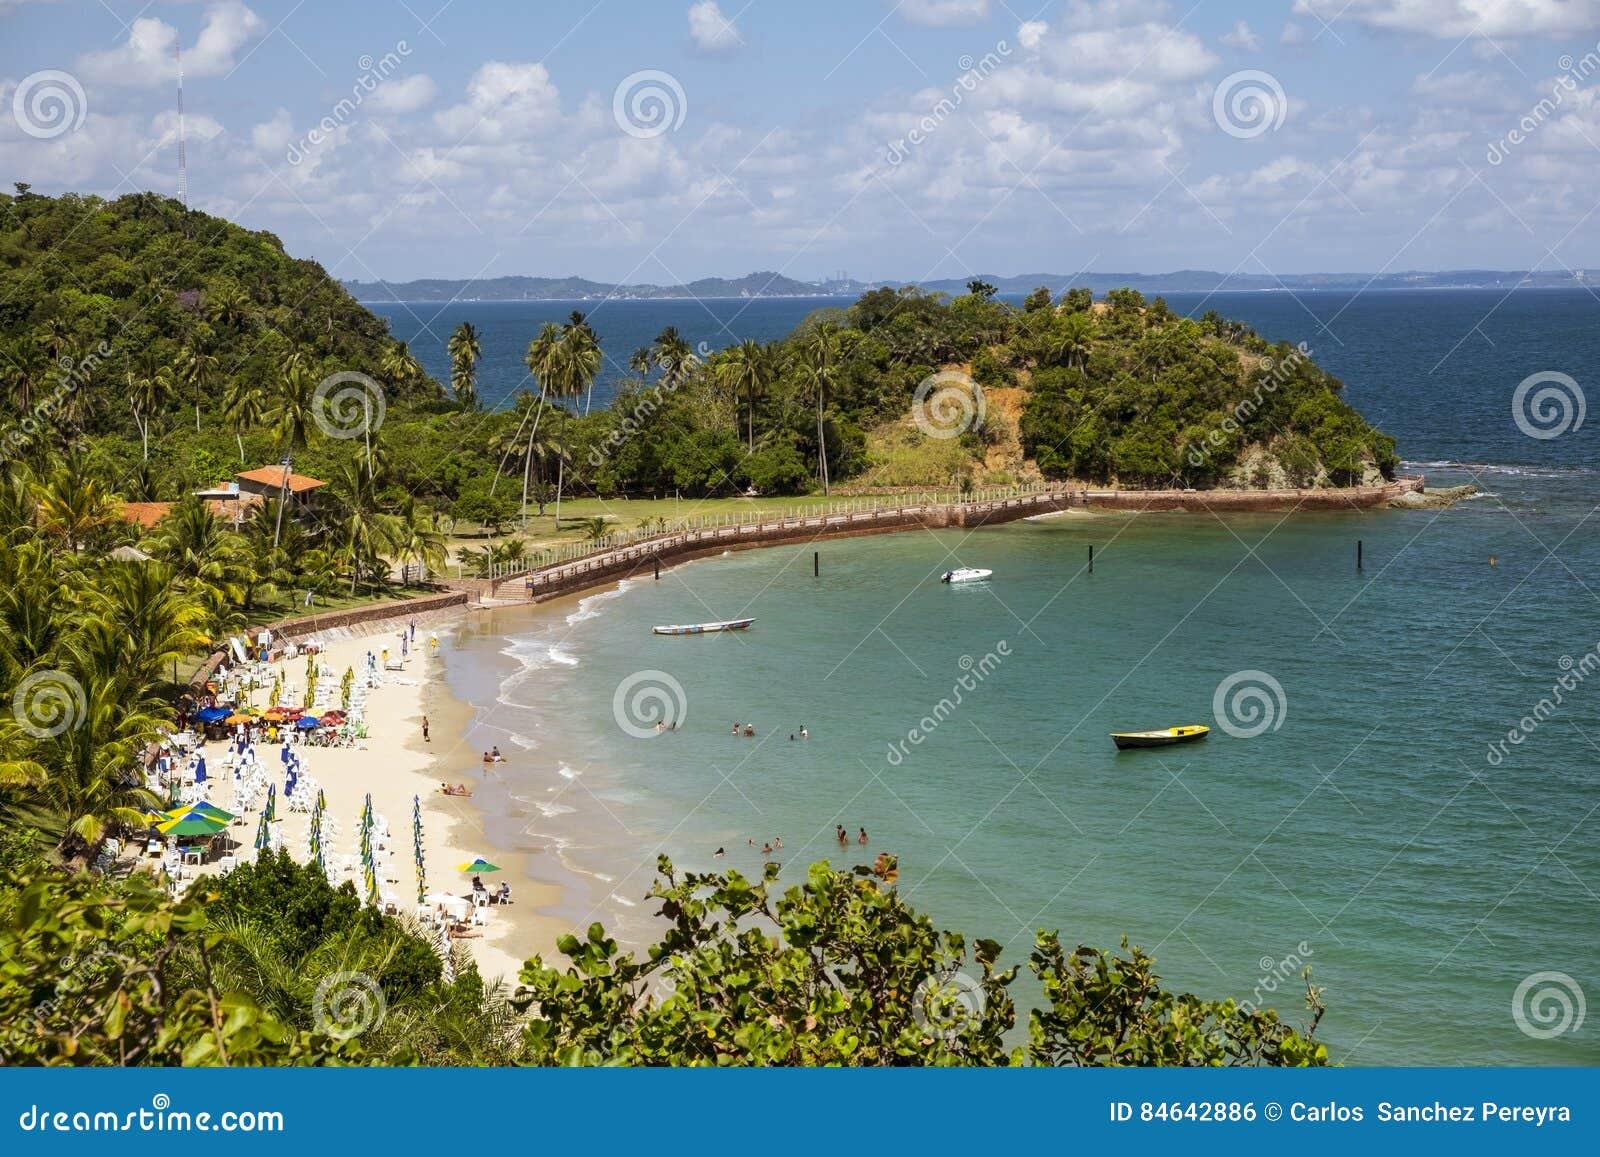 Paraíso Tropical En La Isla De Frades En La Bahía De Todo El Sain Foto De Archivo Imagen De Paisaje Verano 84642886